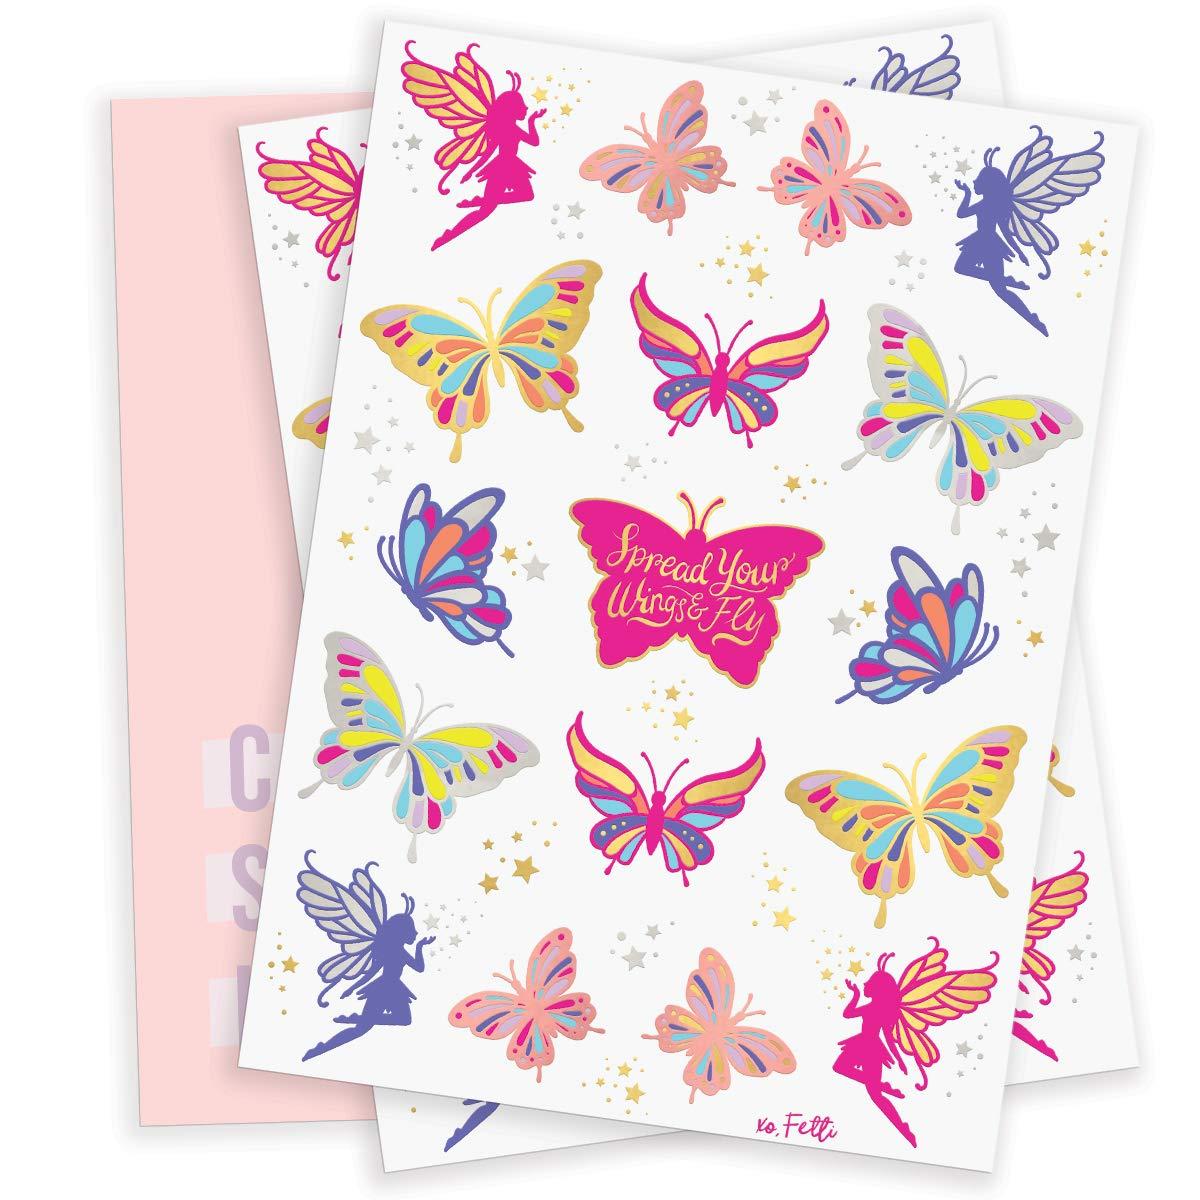 Amazon.com: Tatuajes de mariposa Fetti para niños, 50 ...